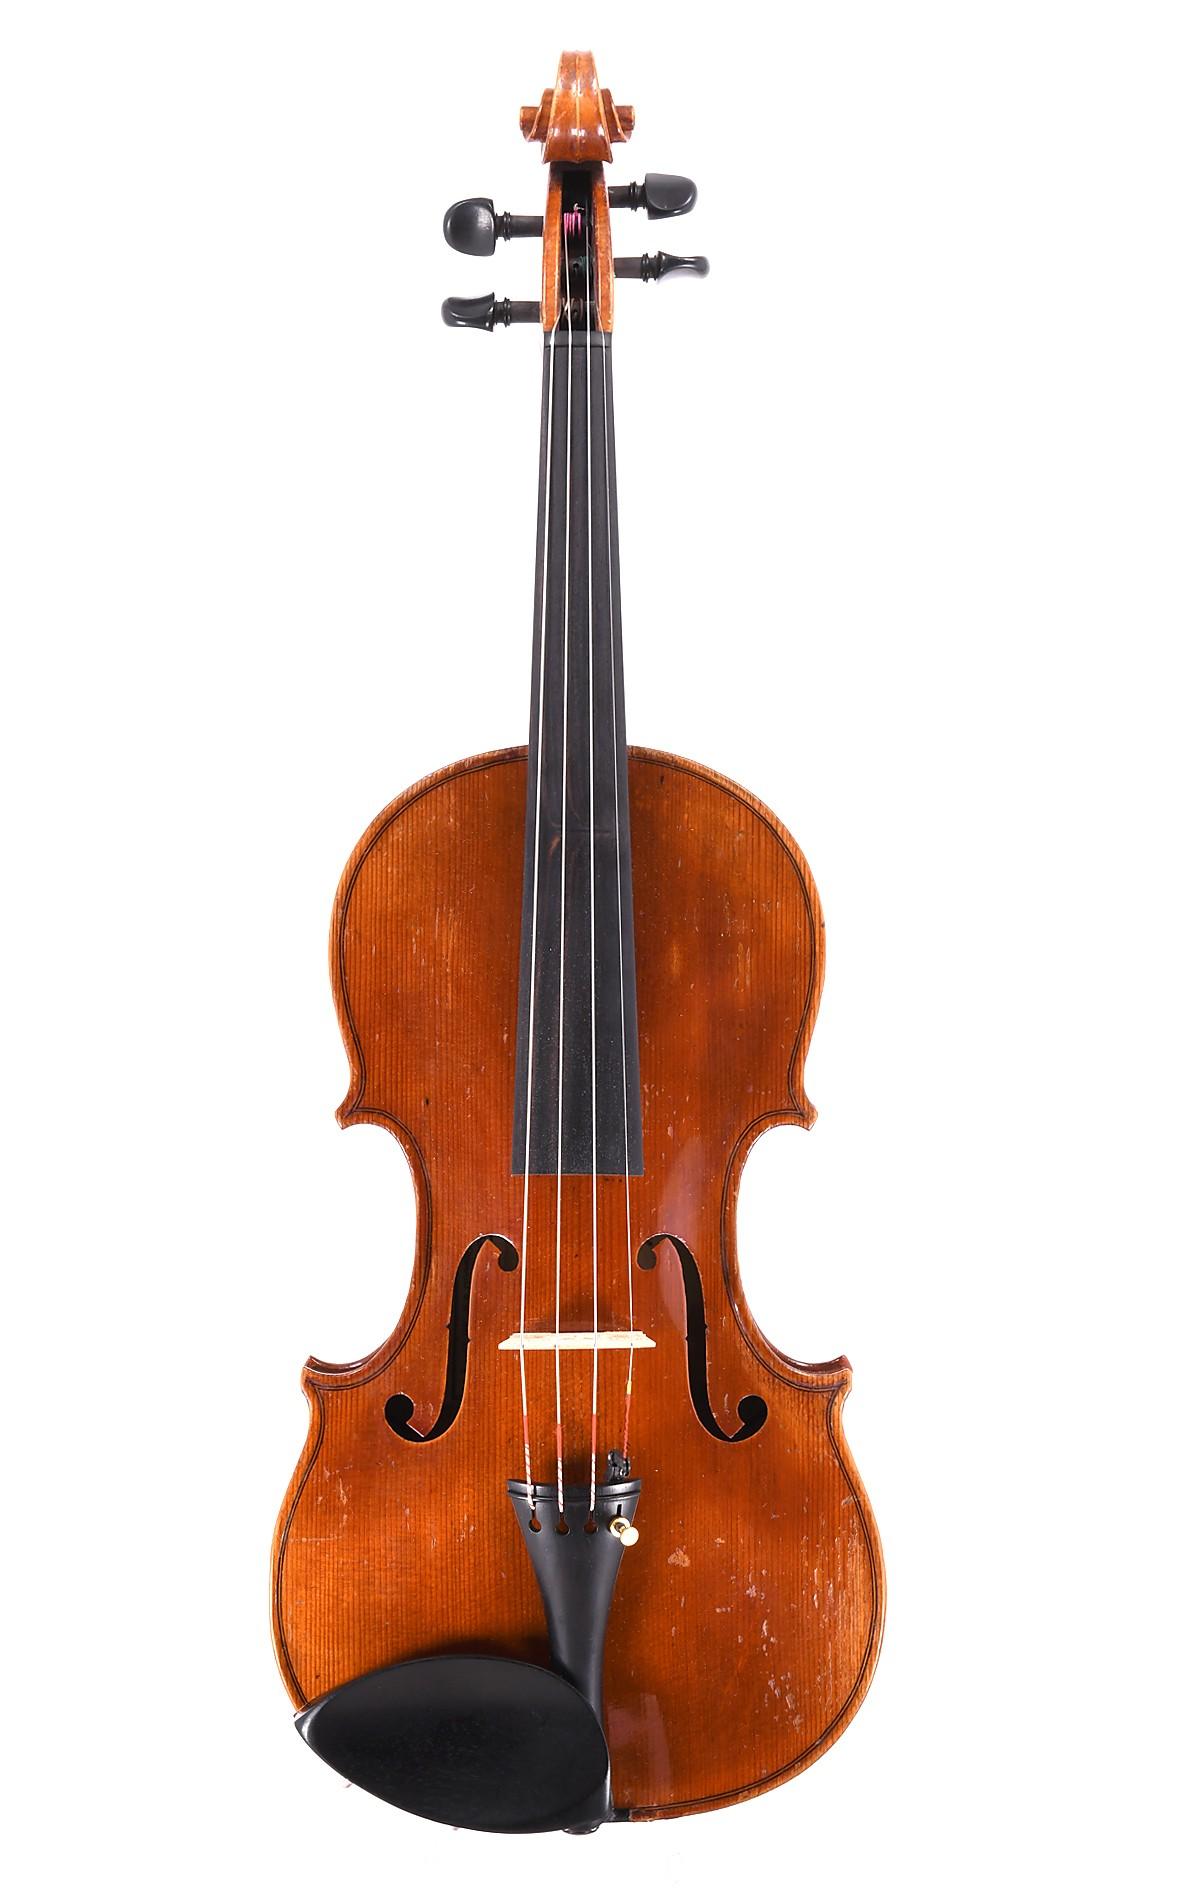 Violin by Johann Reiter / Erich Sandner workshop, Mittenwald